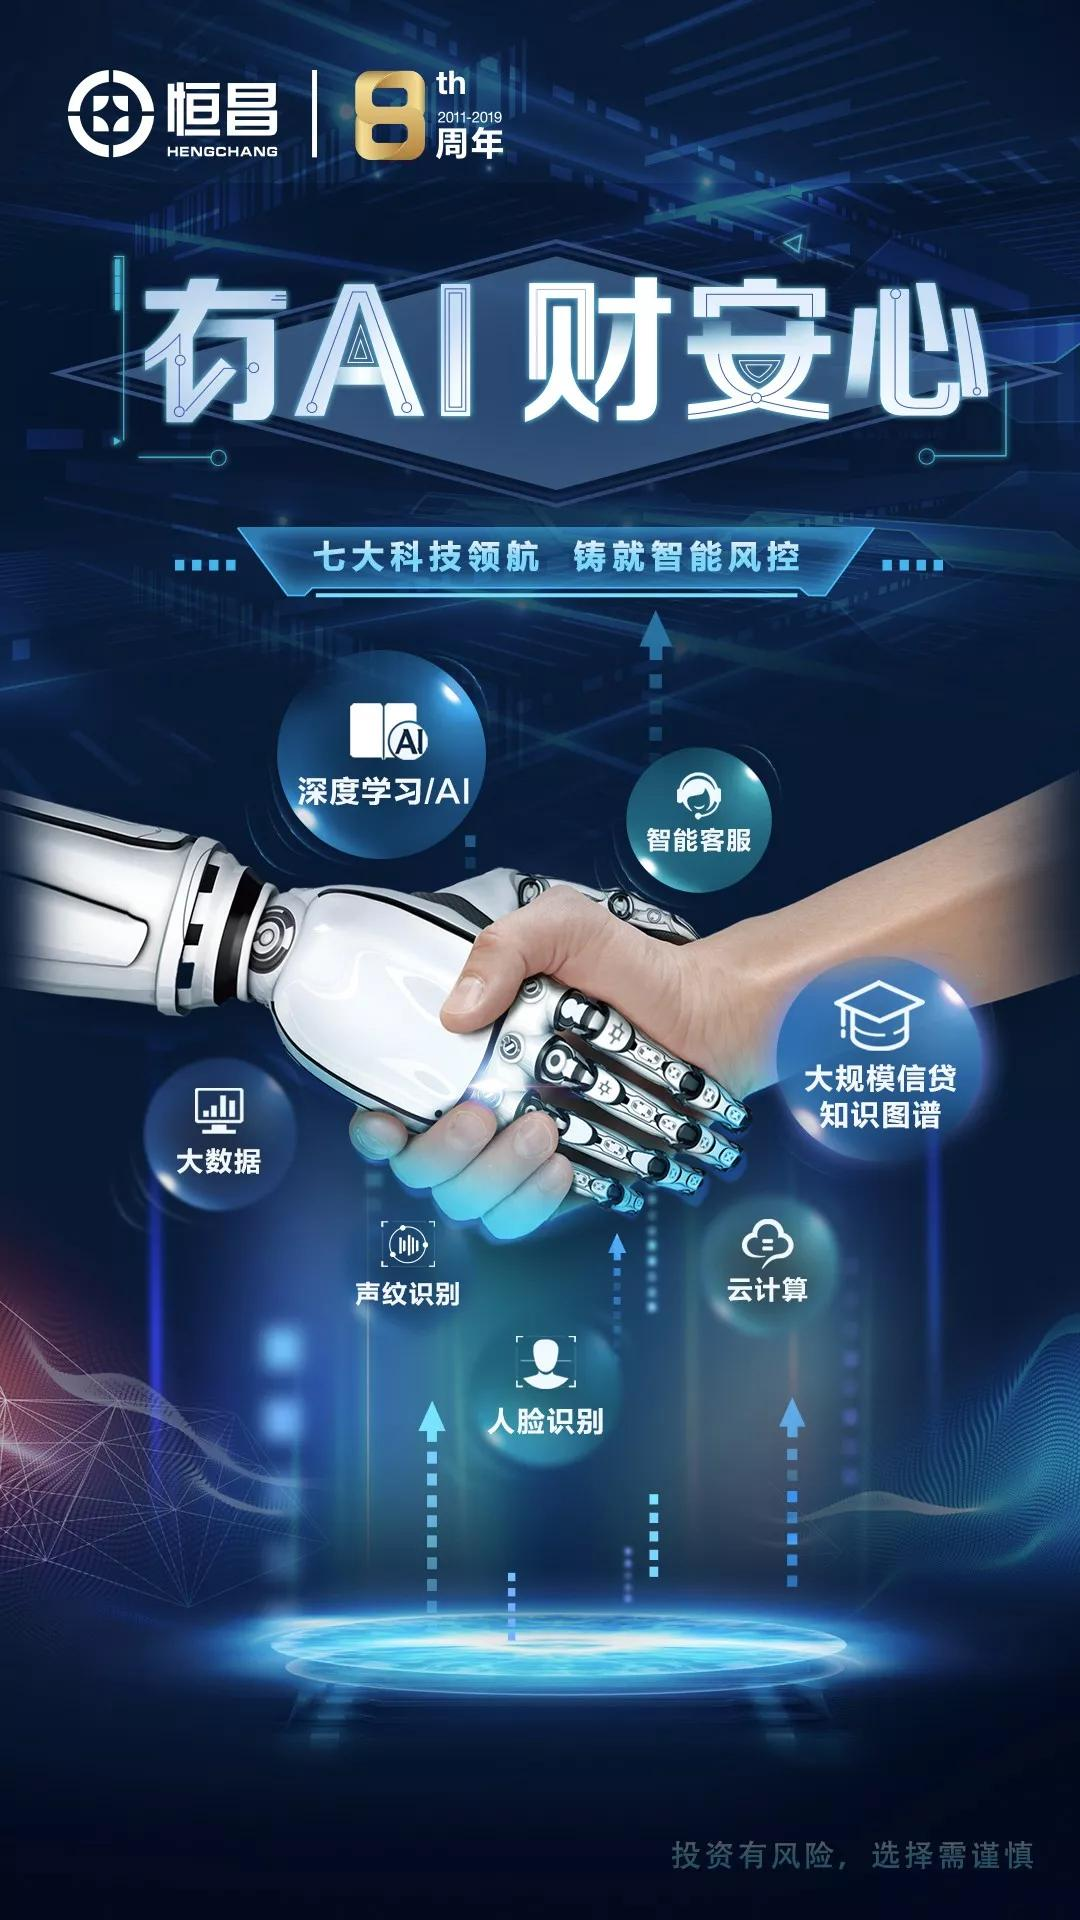 双马论道人工智能恒昌AI助推金融数字化转型